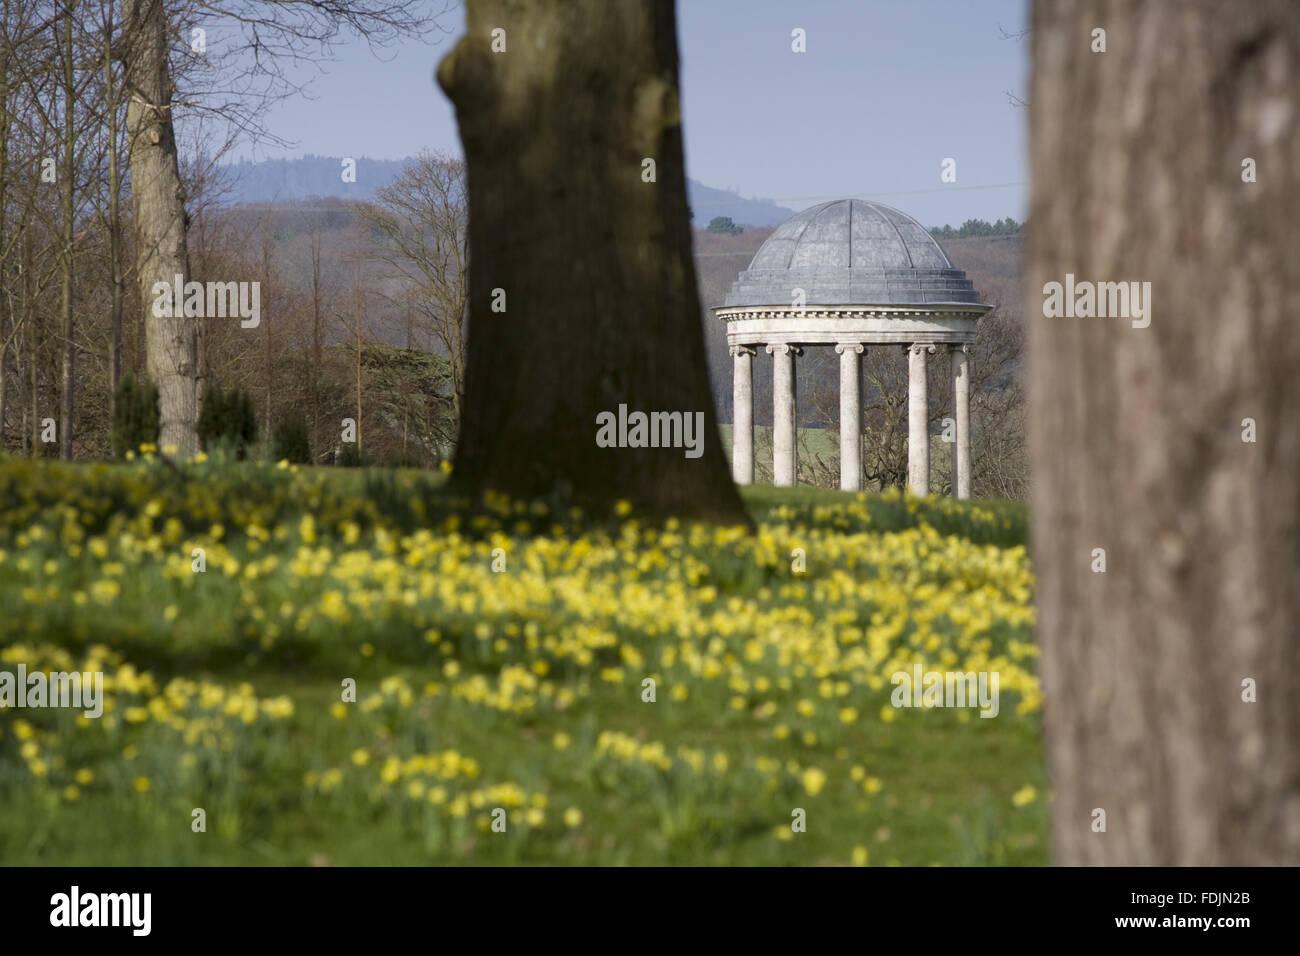 La Rotunda costruito nel 1766, e narcisi nel parco di Petworth House, West Sussex. La Rotunda ionica può essere stato progettato da Matthew Brettingham probabilmente ispirati Vanbrugh rotundas del. Foto Stock